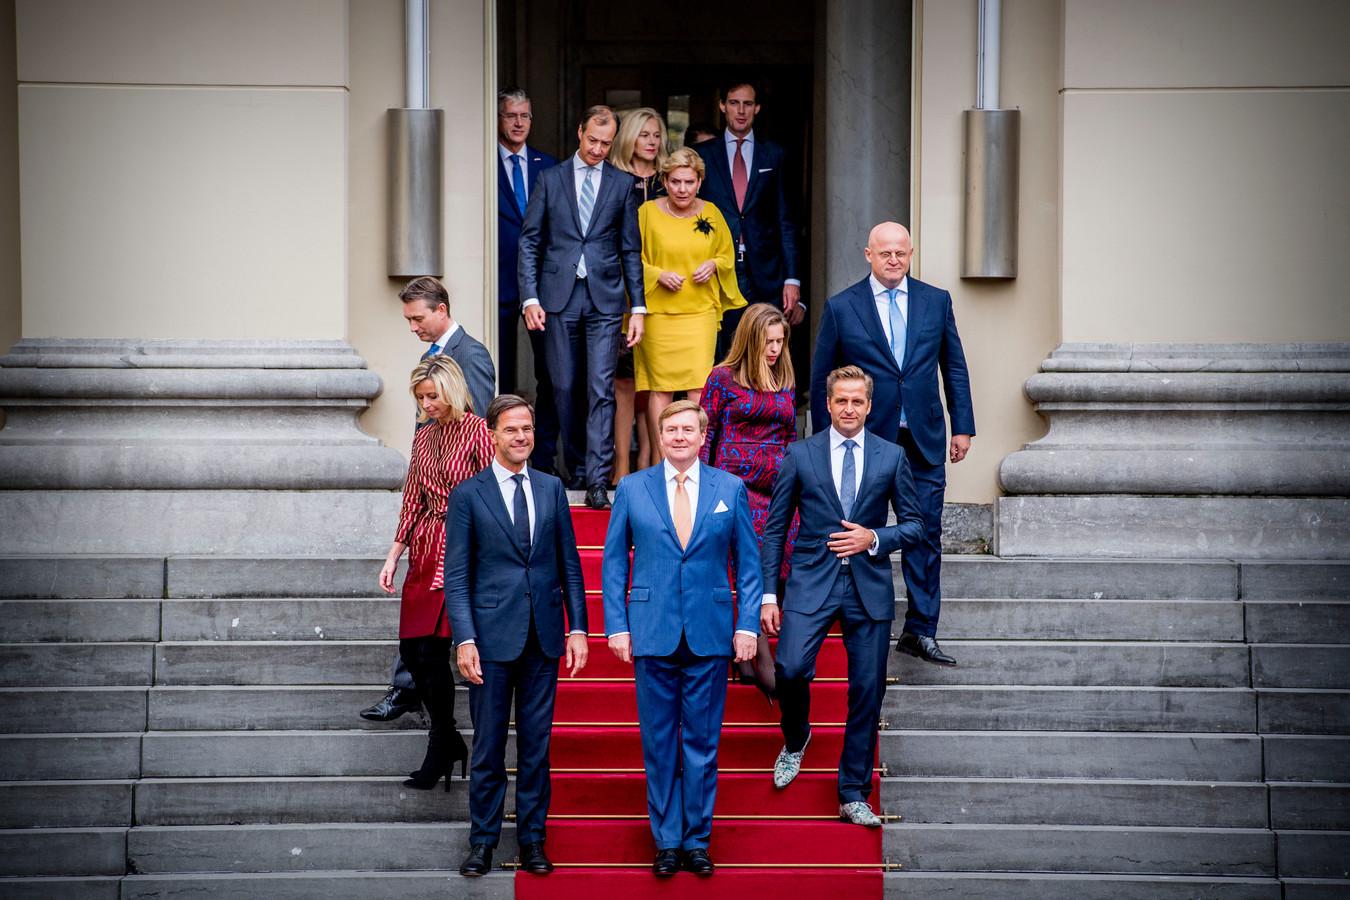 Premier Mark Rutte en koning Willem-Alexander arriveren in oktober 2017 met de ministers op het bordes voor de groepsfoto, na de beëdiging van het nieuwe kabinet-Rutte III door de koning.